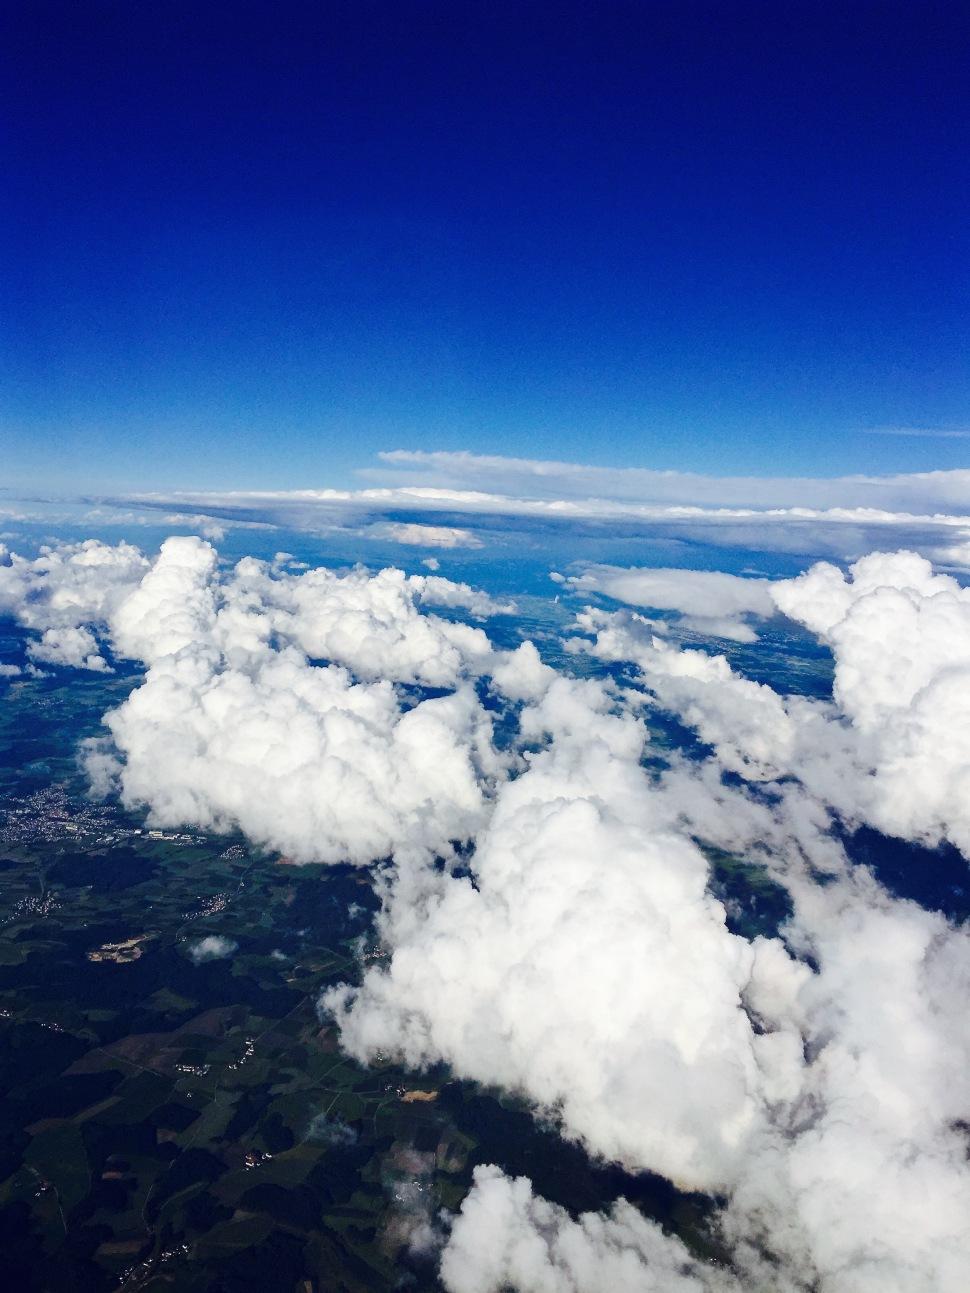 Munich_above_sky_blue